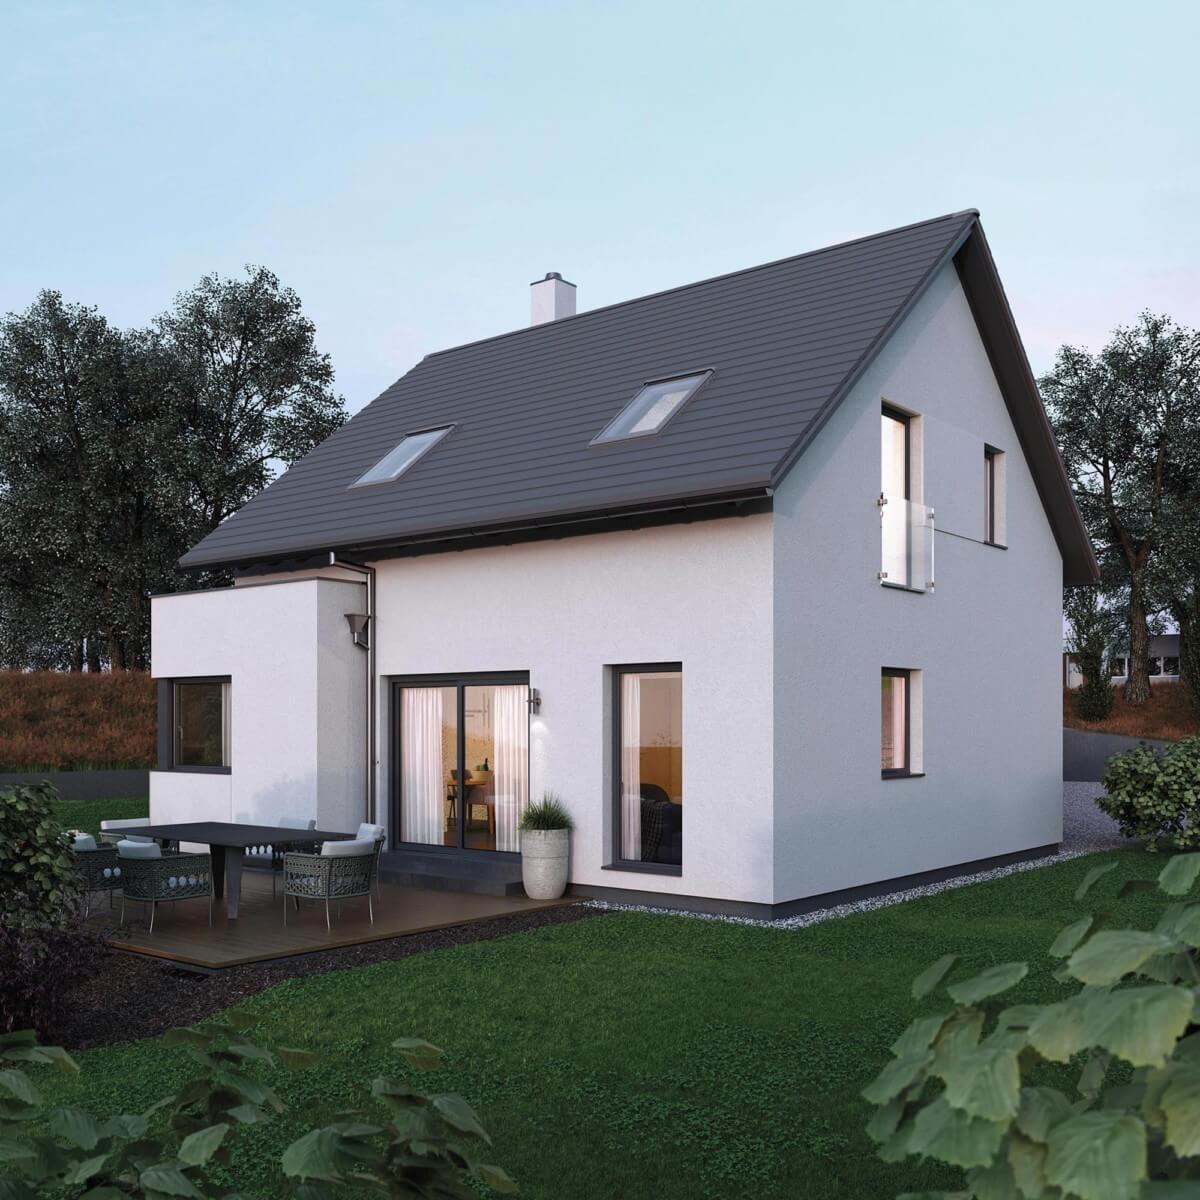 Kleines Satteldach Haus Modern Mit Erker Anbau Einfamilienhaus